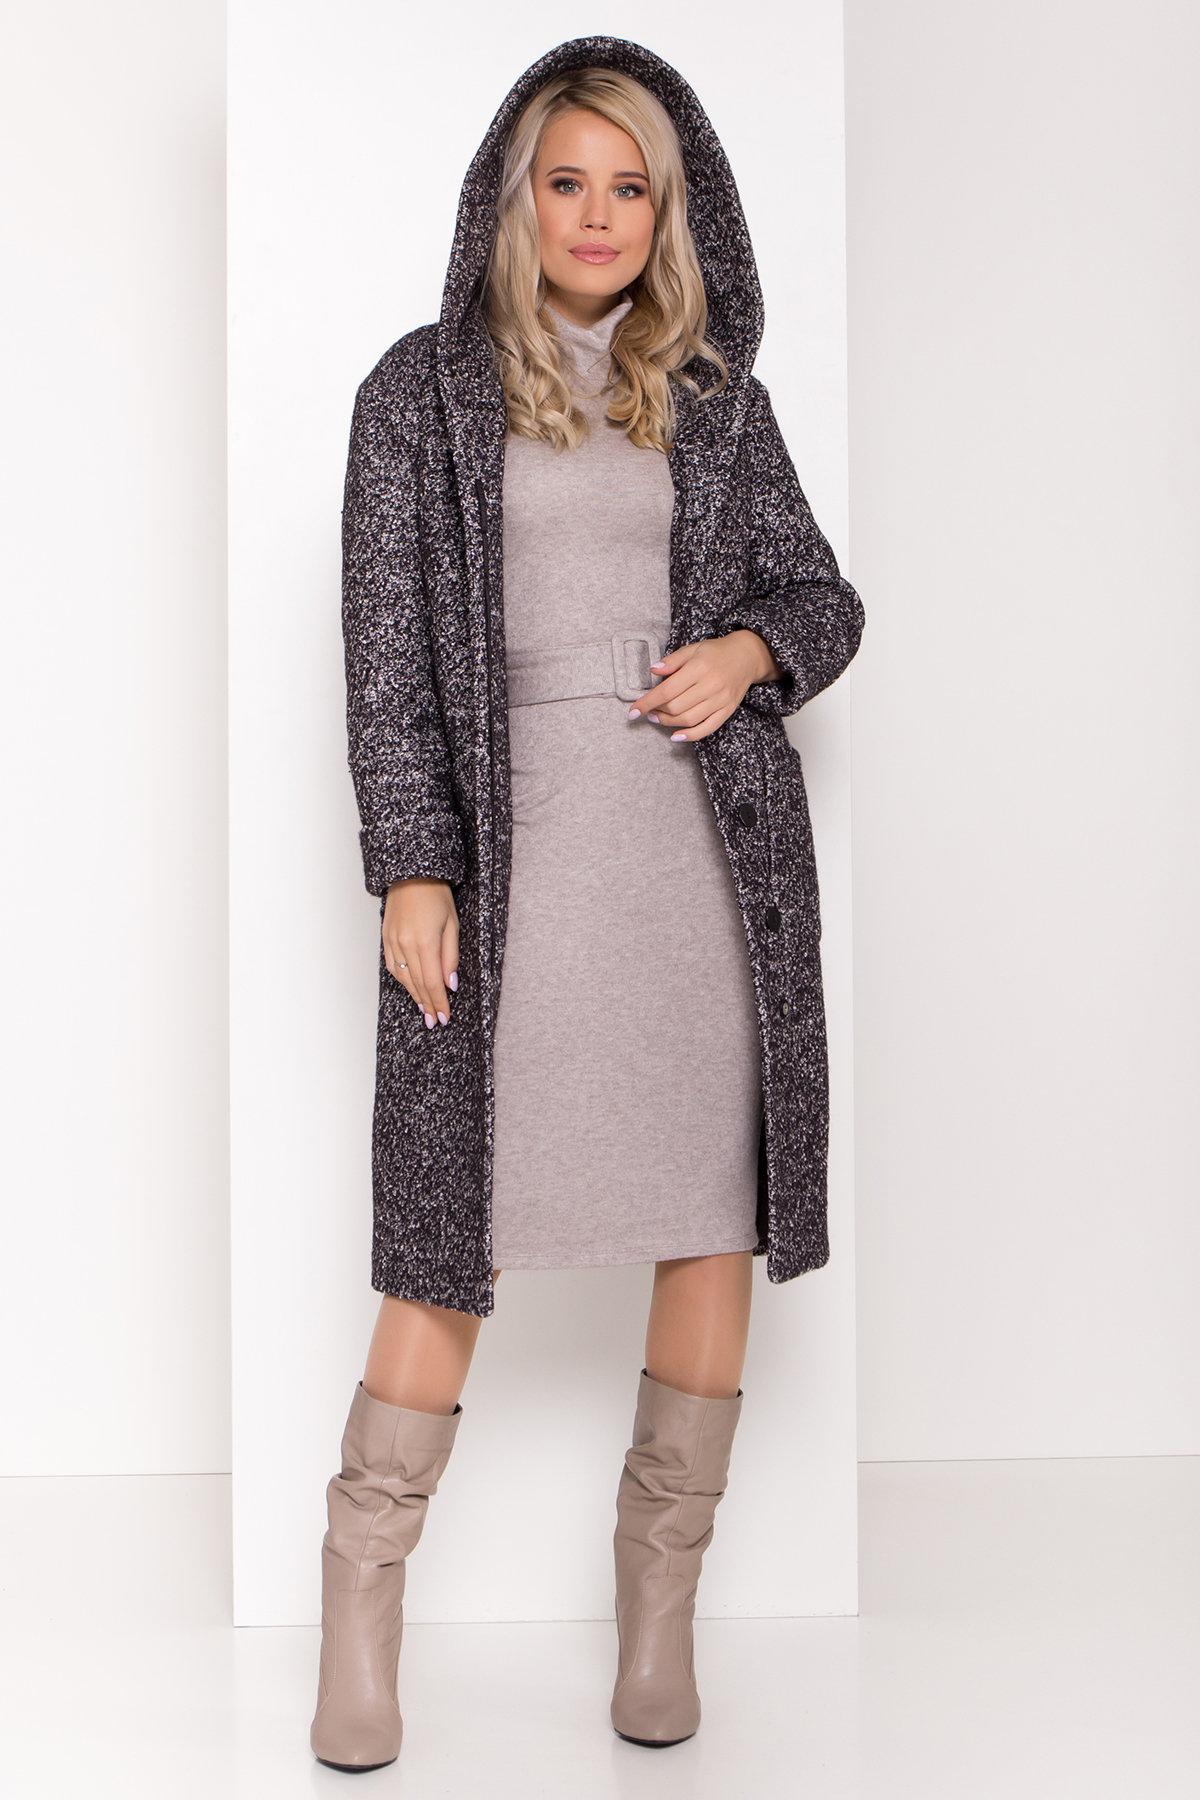 Пальто зима шерсть букле Анита 8320 АРТ. 44442 Цвет: Черный/серый - фото 2, интернет магазин tm-modus.ru